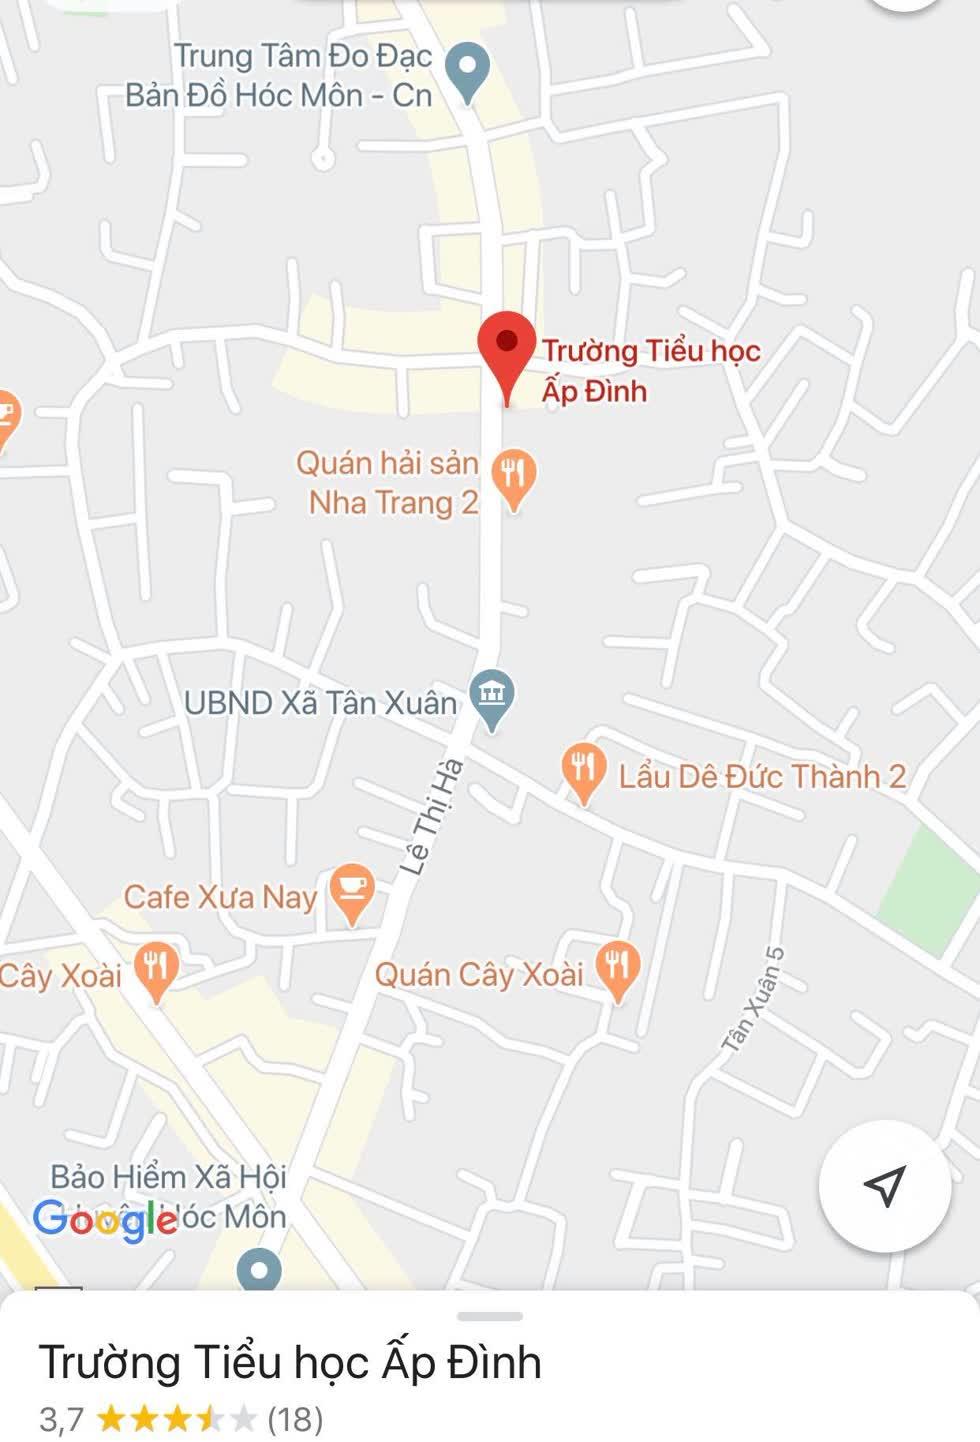 Vị trí trường Tiểu học Ấp Đình, xã Tân Xuân, huyệnHóc Môn, TP.HCM. Ảnh: chụp màn hình Google Maps